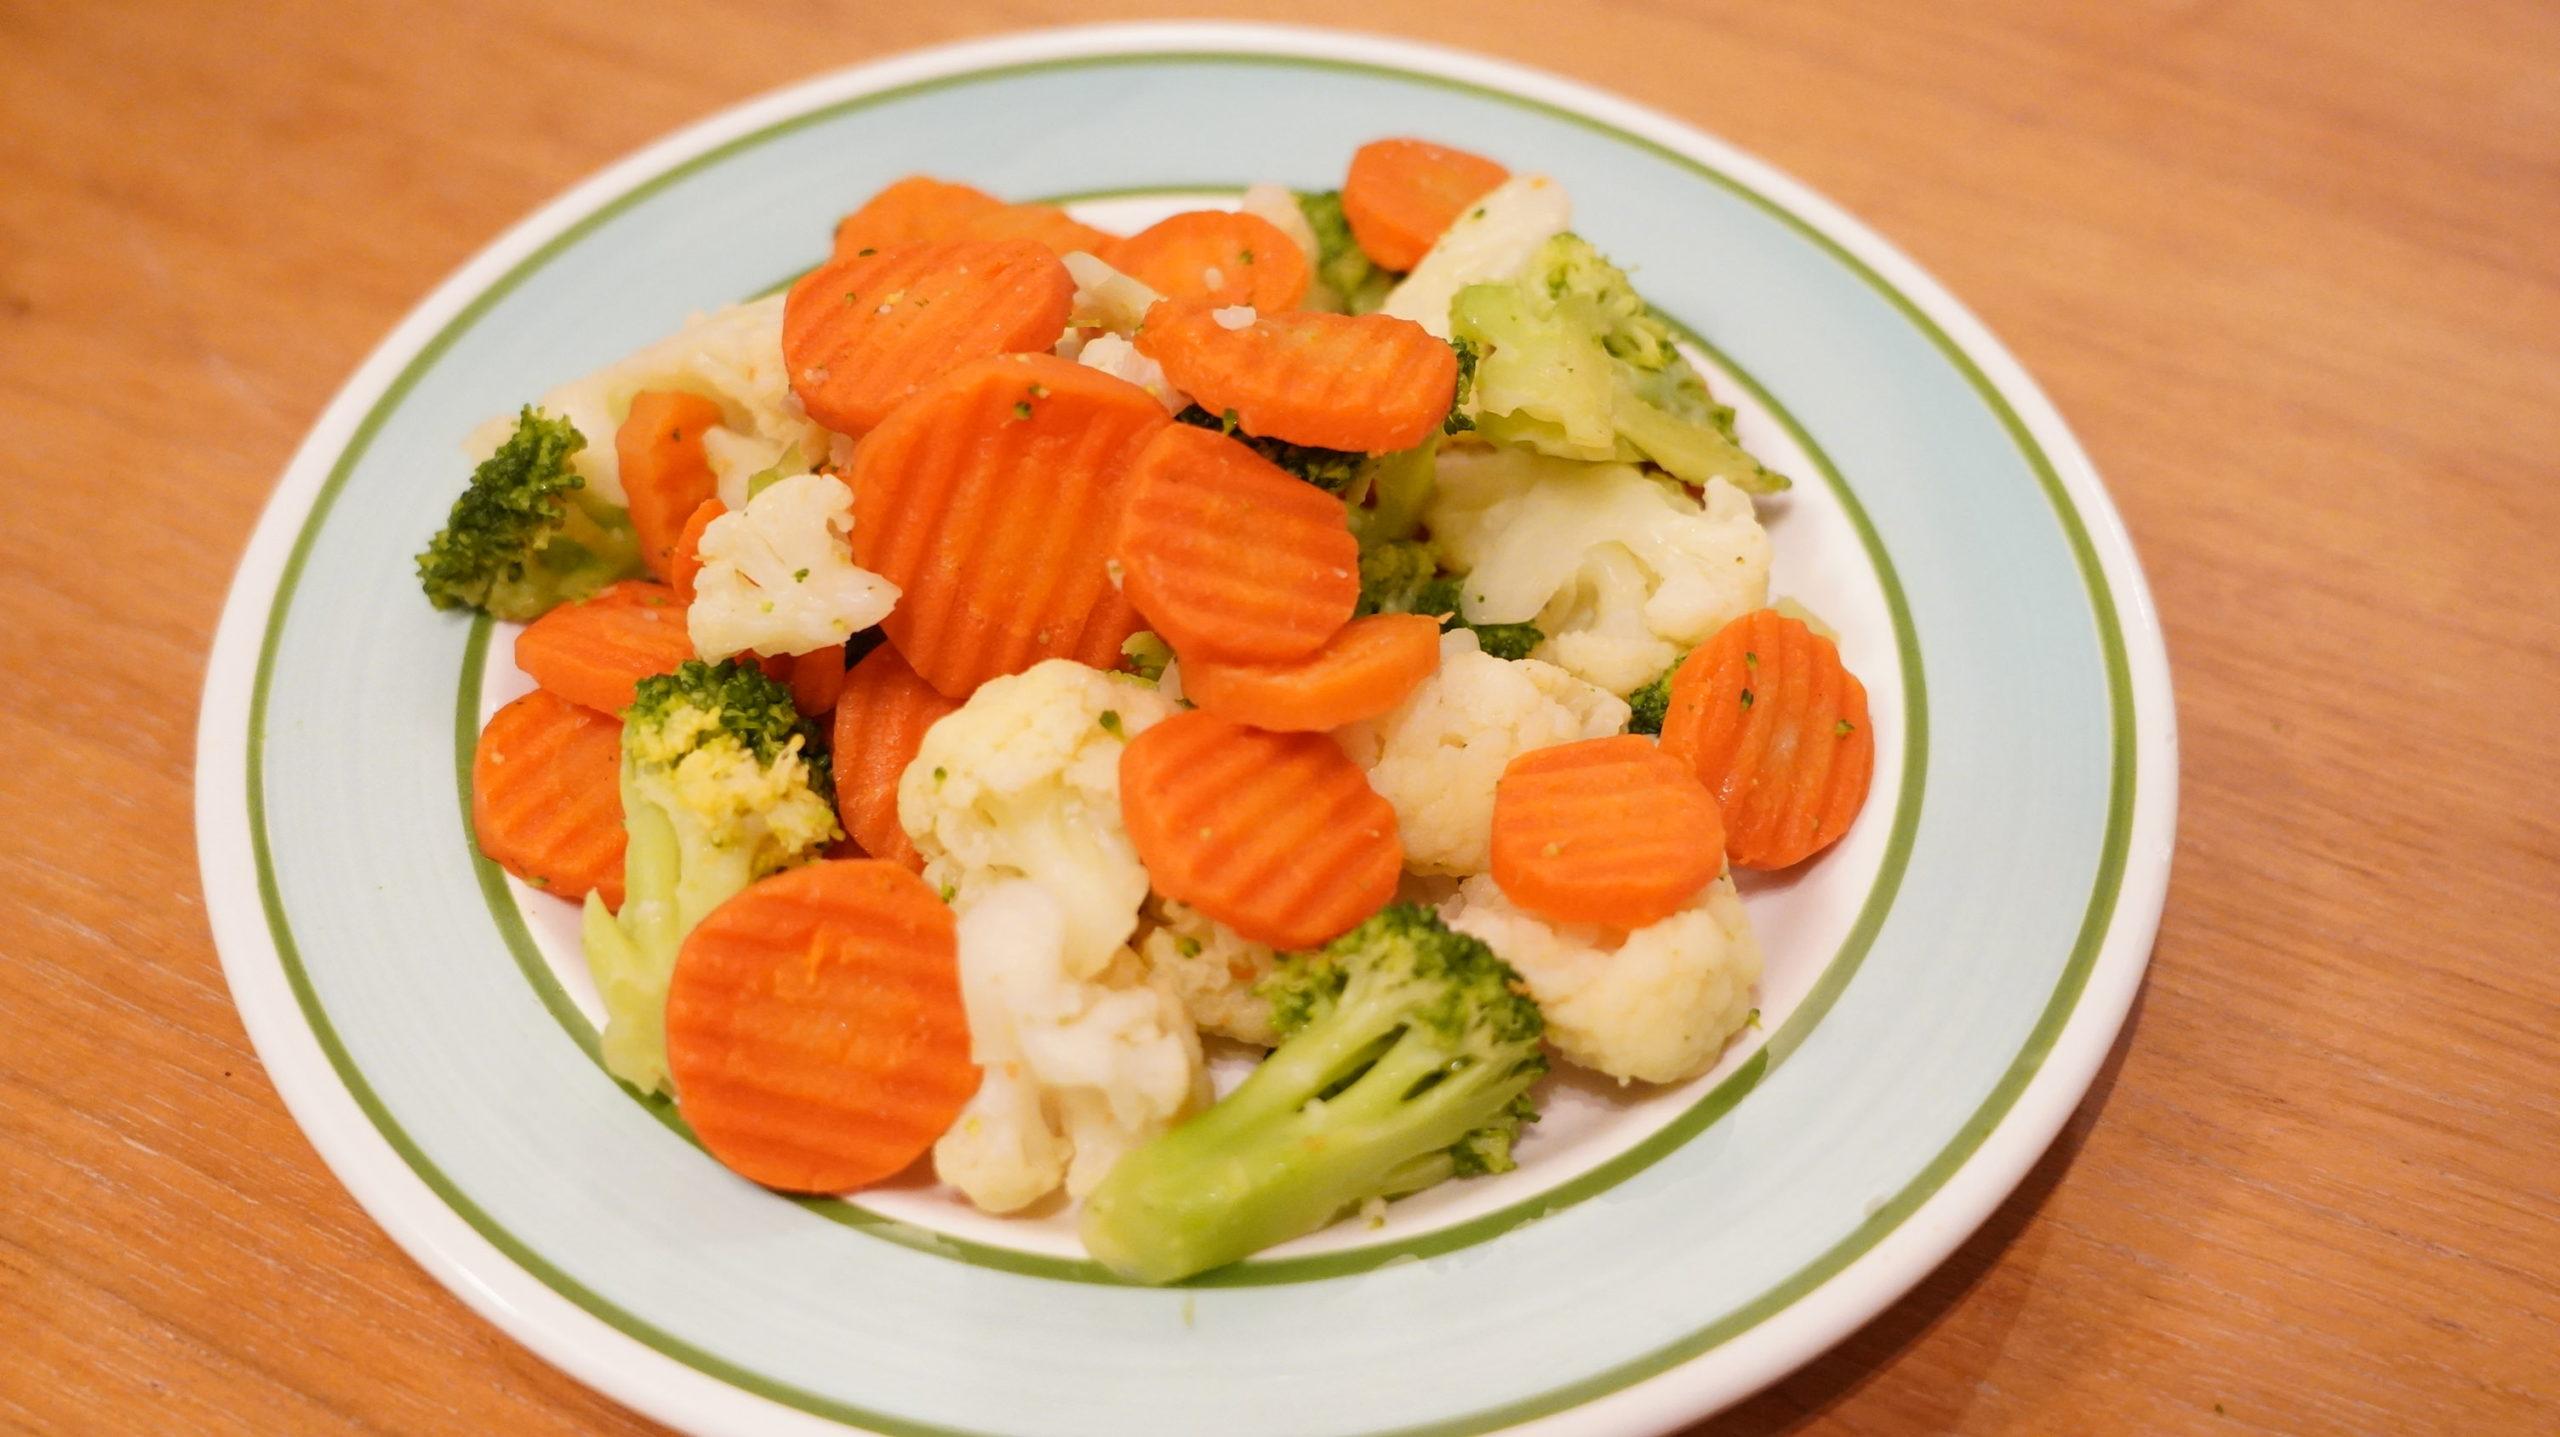 業務スーパーのおすすめ冷凍食品「洋風野菜ミックス」の写真